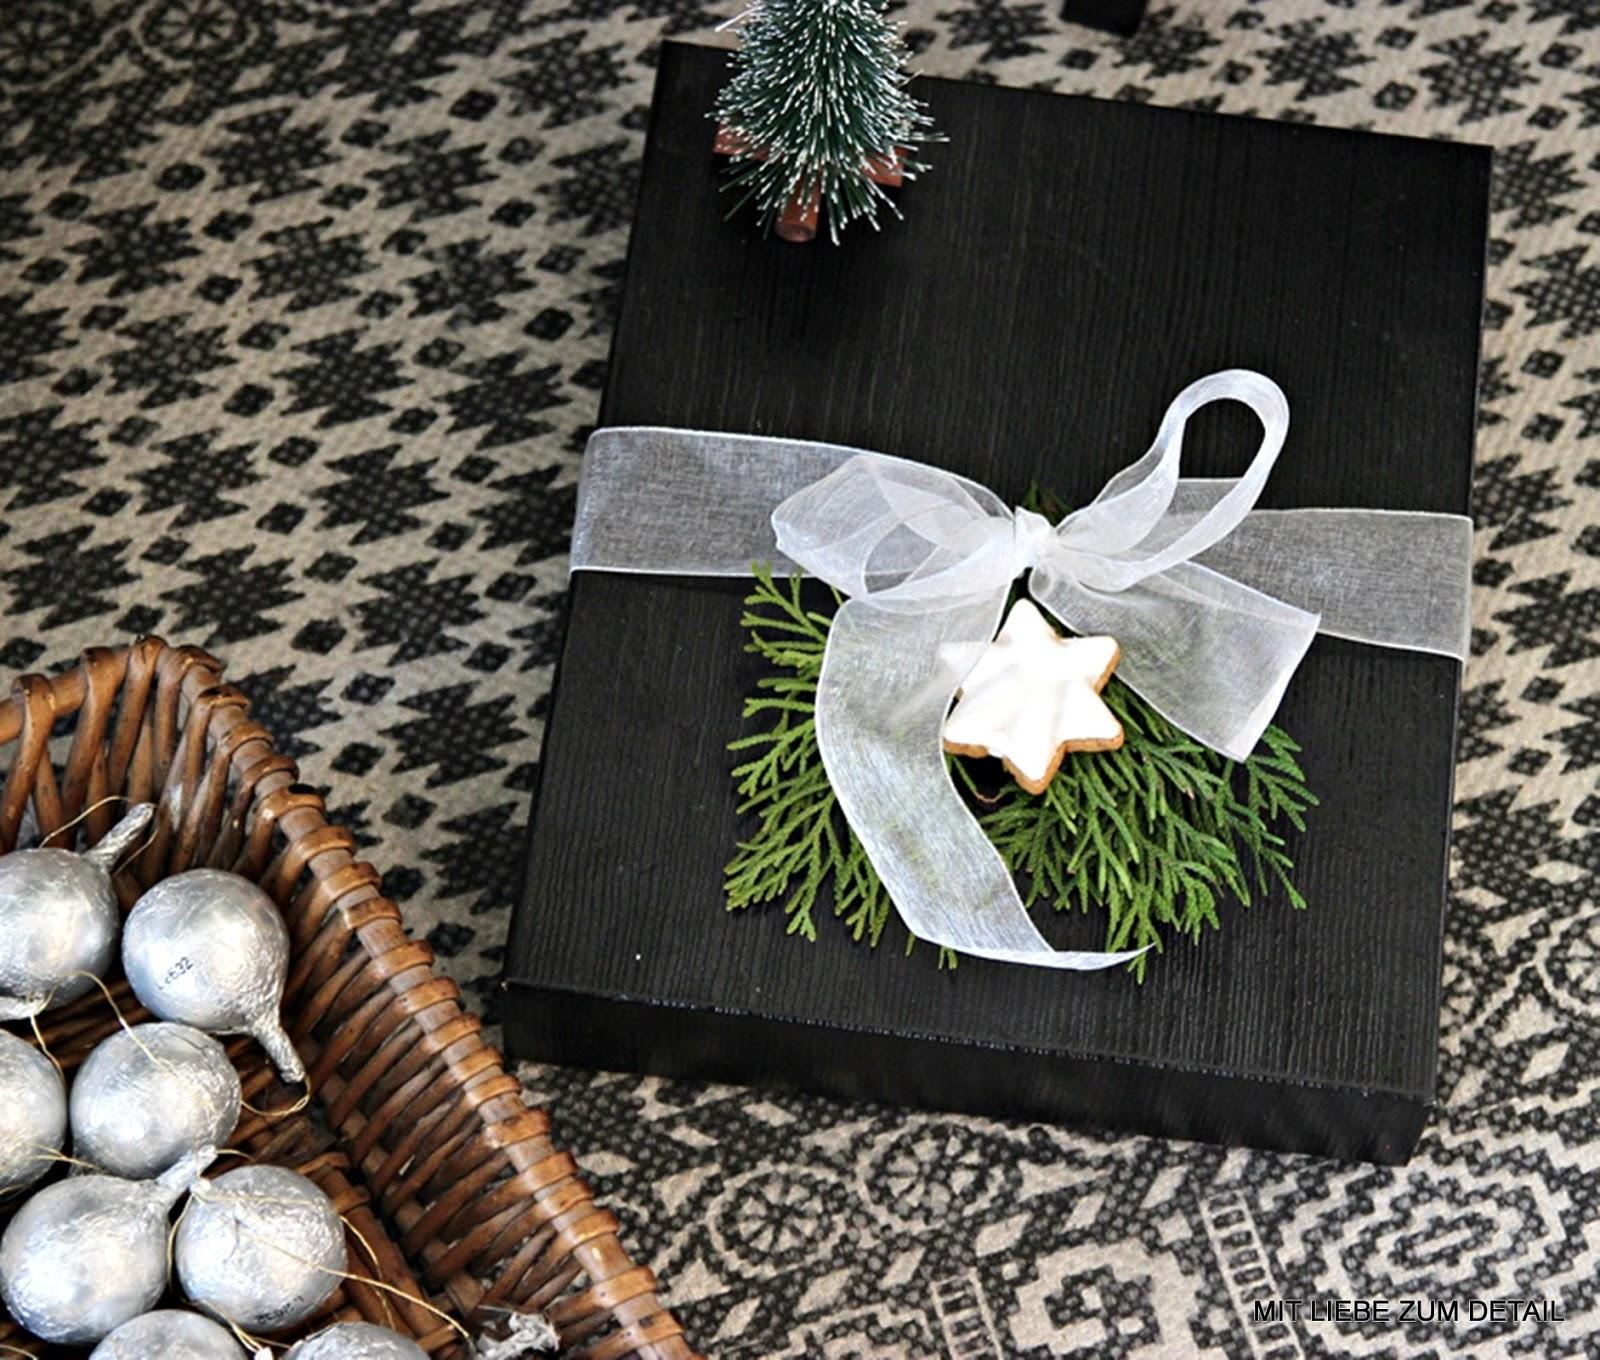 wie viele tage sind es noch bis zum weihnachtsfest mit. Black Bedroom Furniture Sets. Home Design Ideas